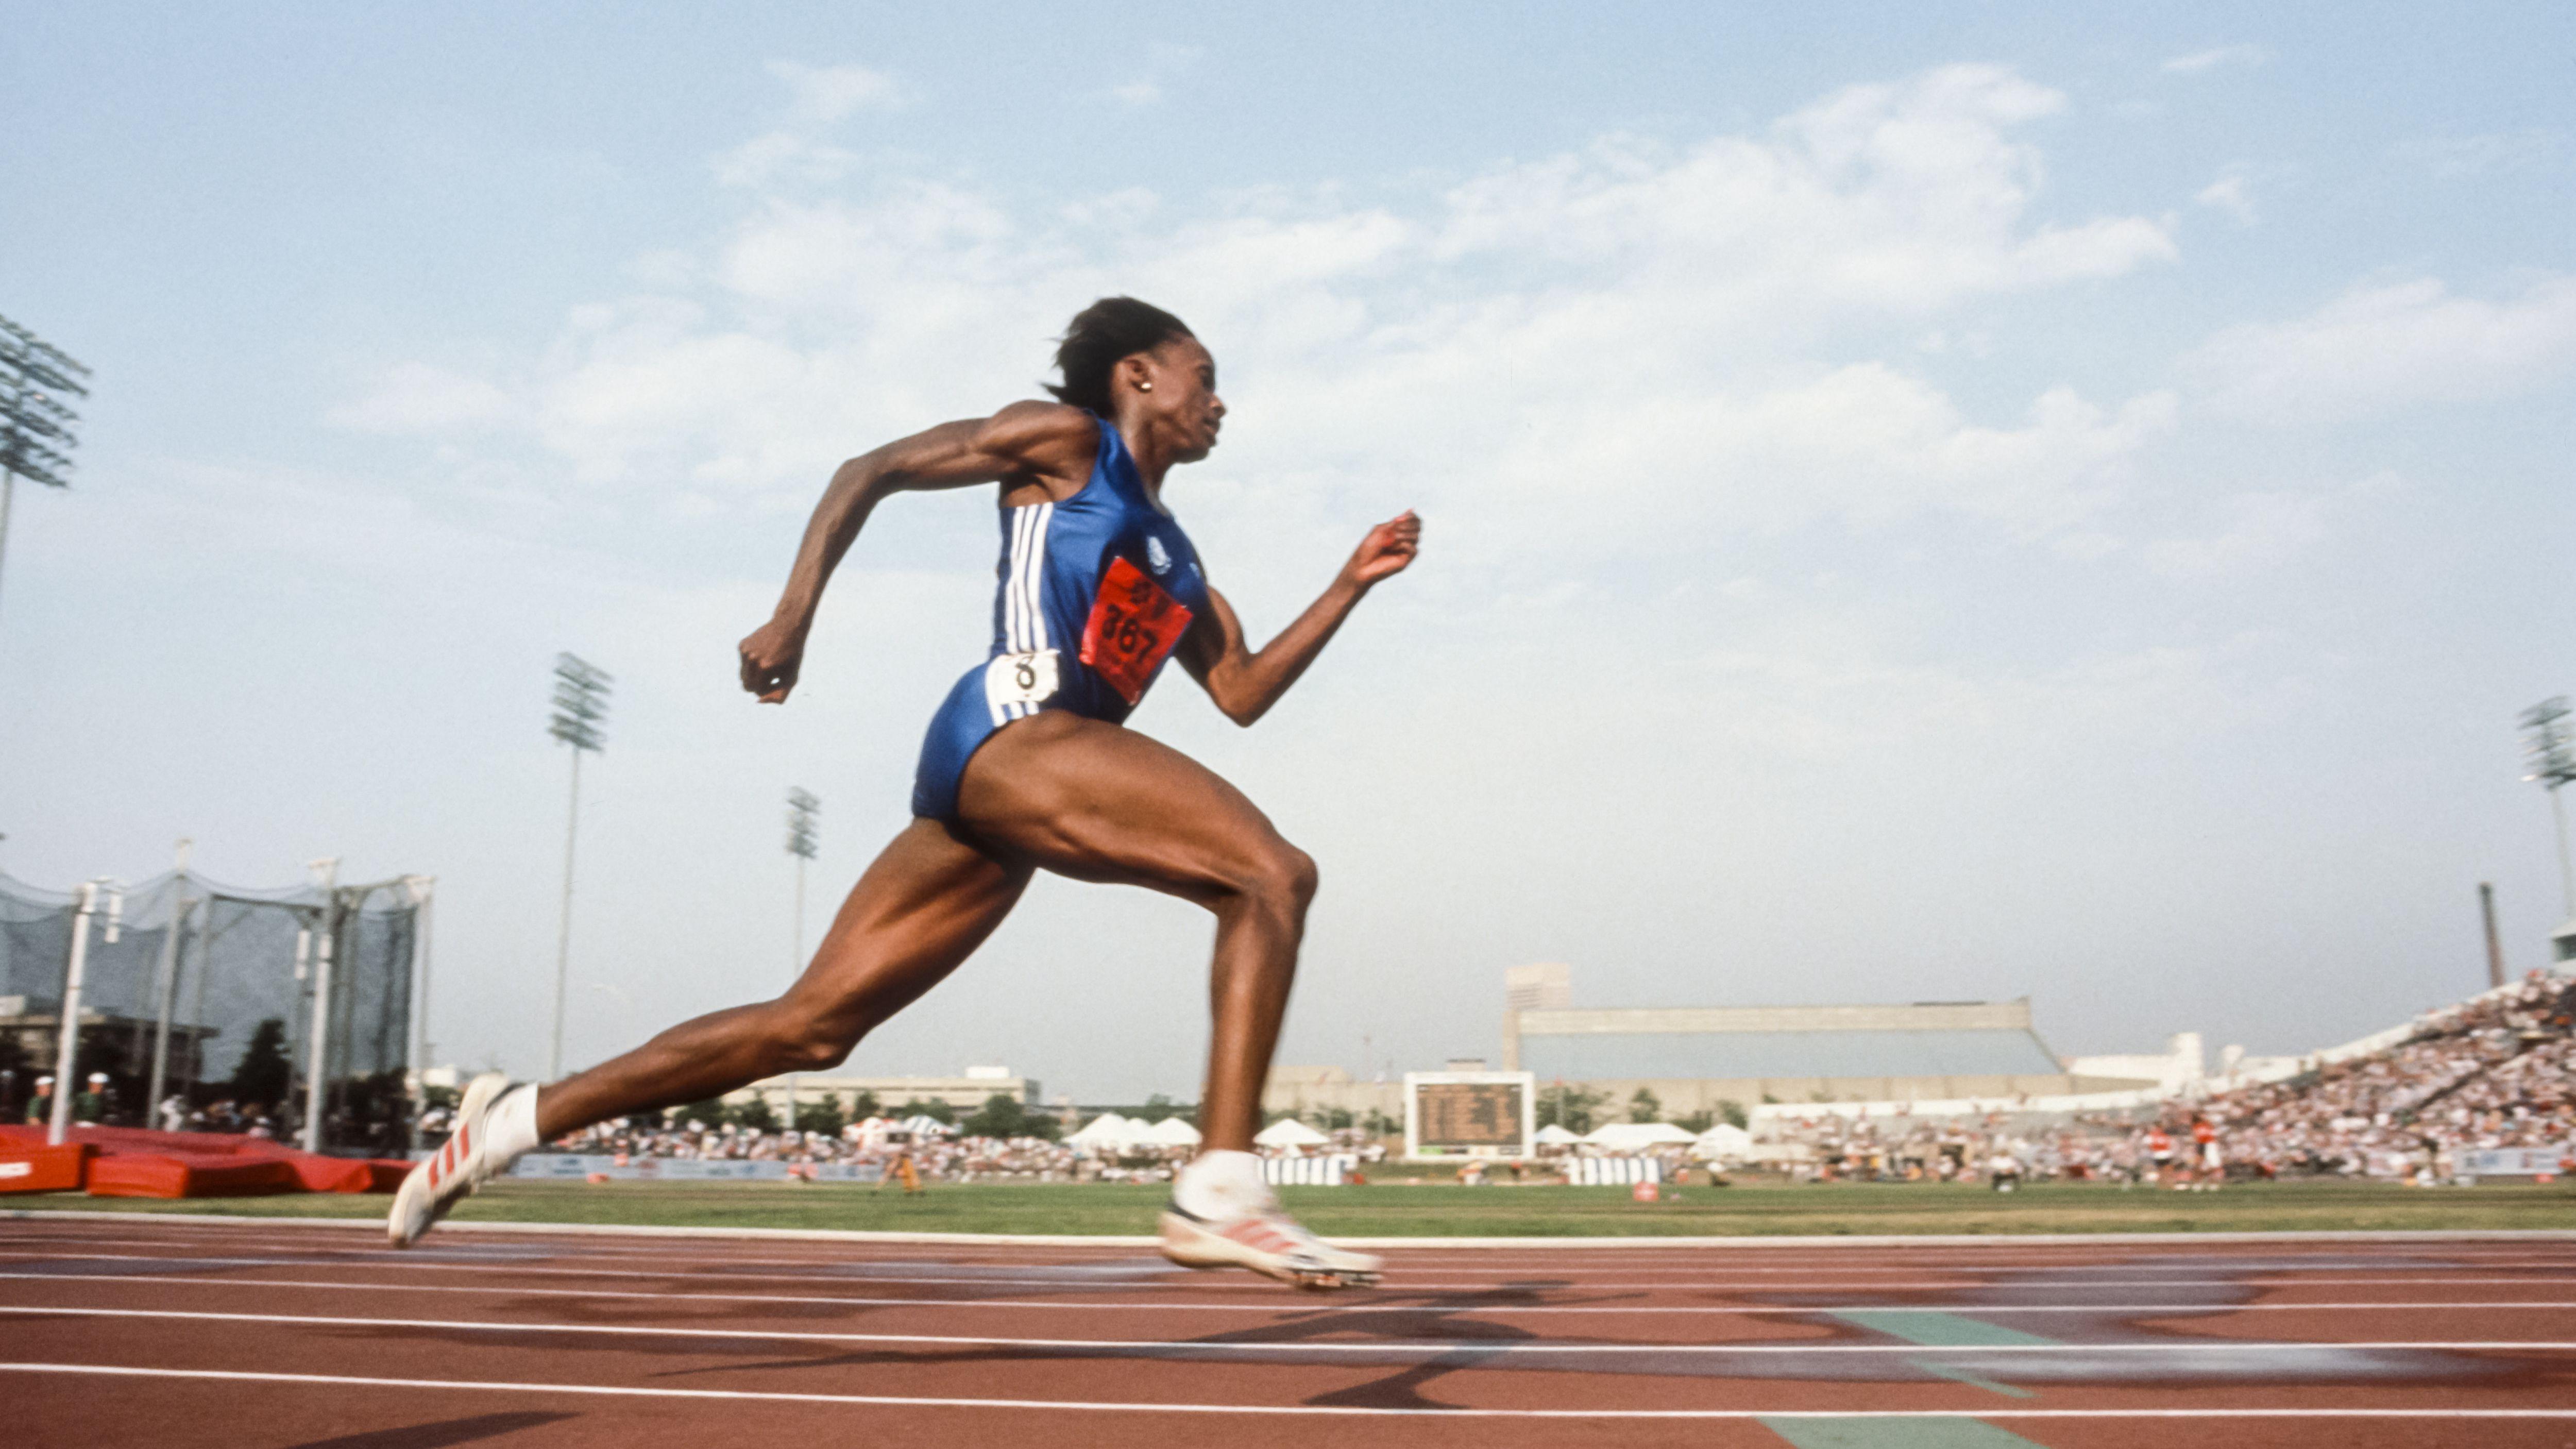 Jackie Joyner-Kersee Biography: Olympic Athlete